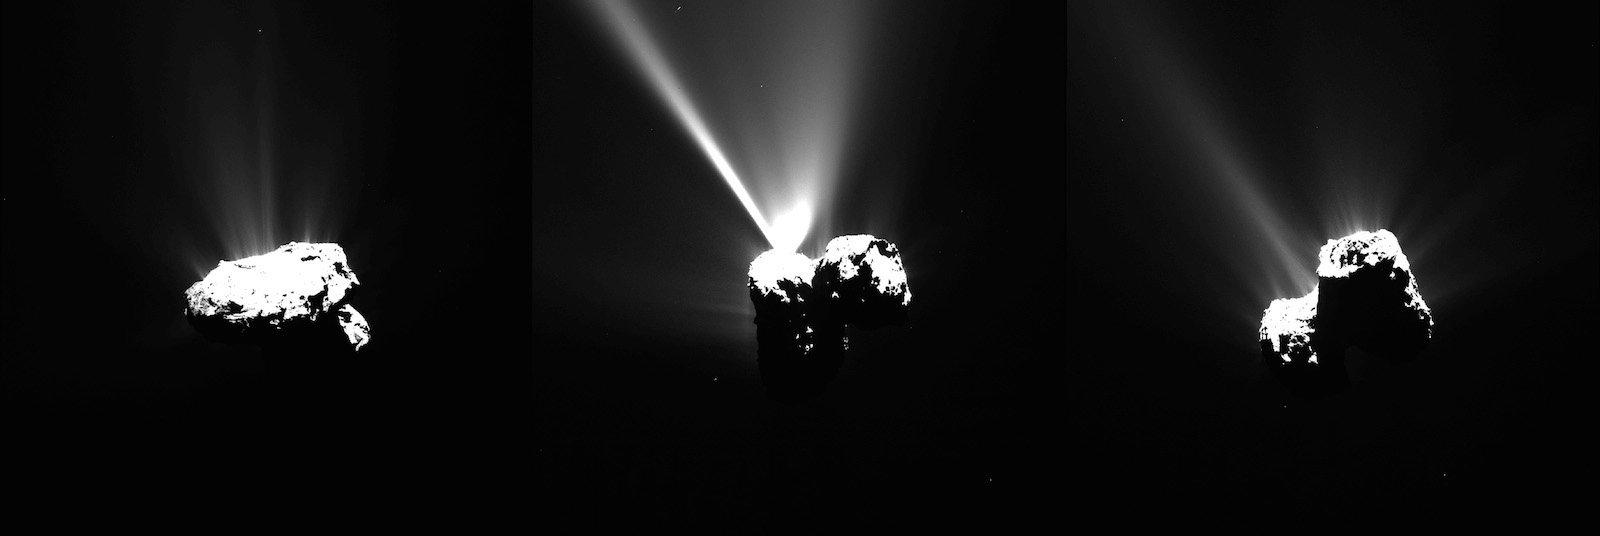 Diese Bilderserie des Kometen 67P/Churyumov–Gerasimenko wurde von Rosetta´s Osiris am 12. August aufgenommen, nur wenige Stunden bevor Tschuri auf seiner Reise durchs All den sonnennächsten Punkt erreichte.